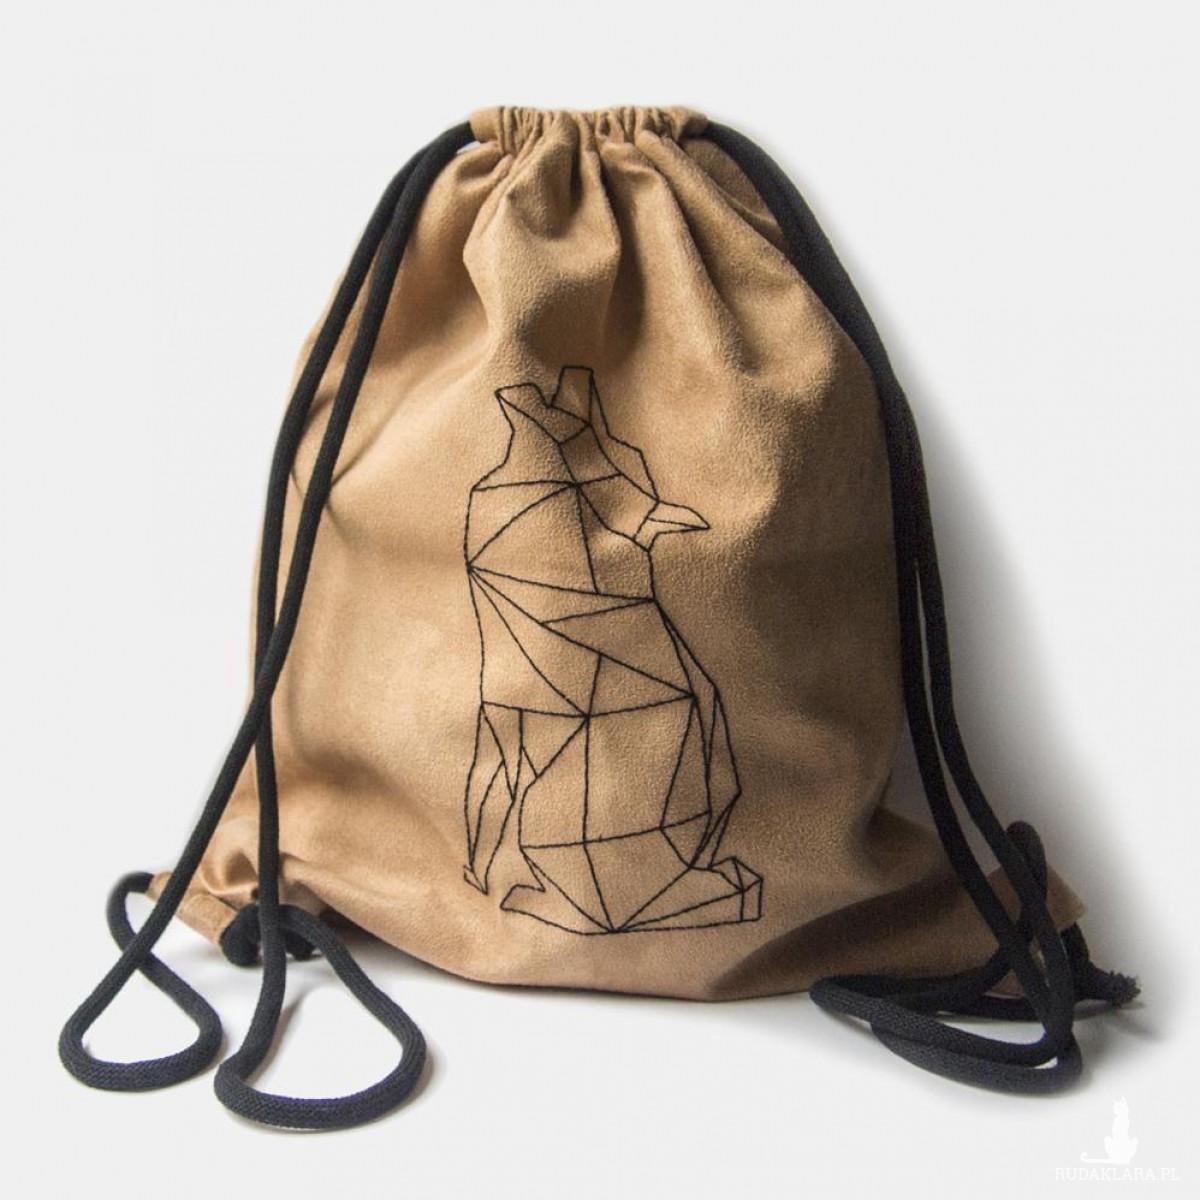 Duży plecak z geometrycznym wilkiem